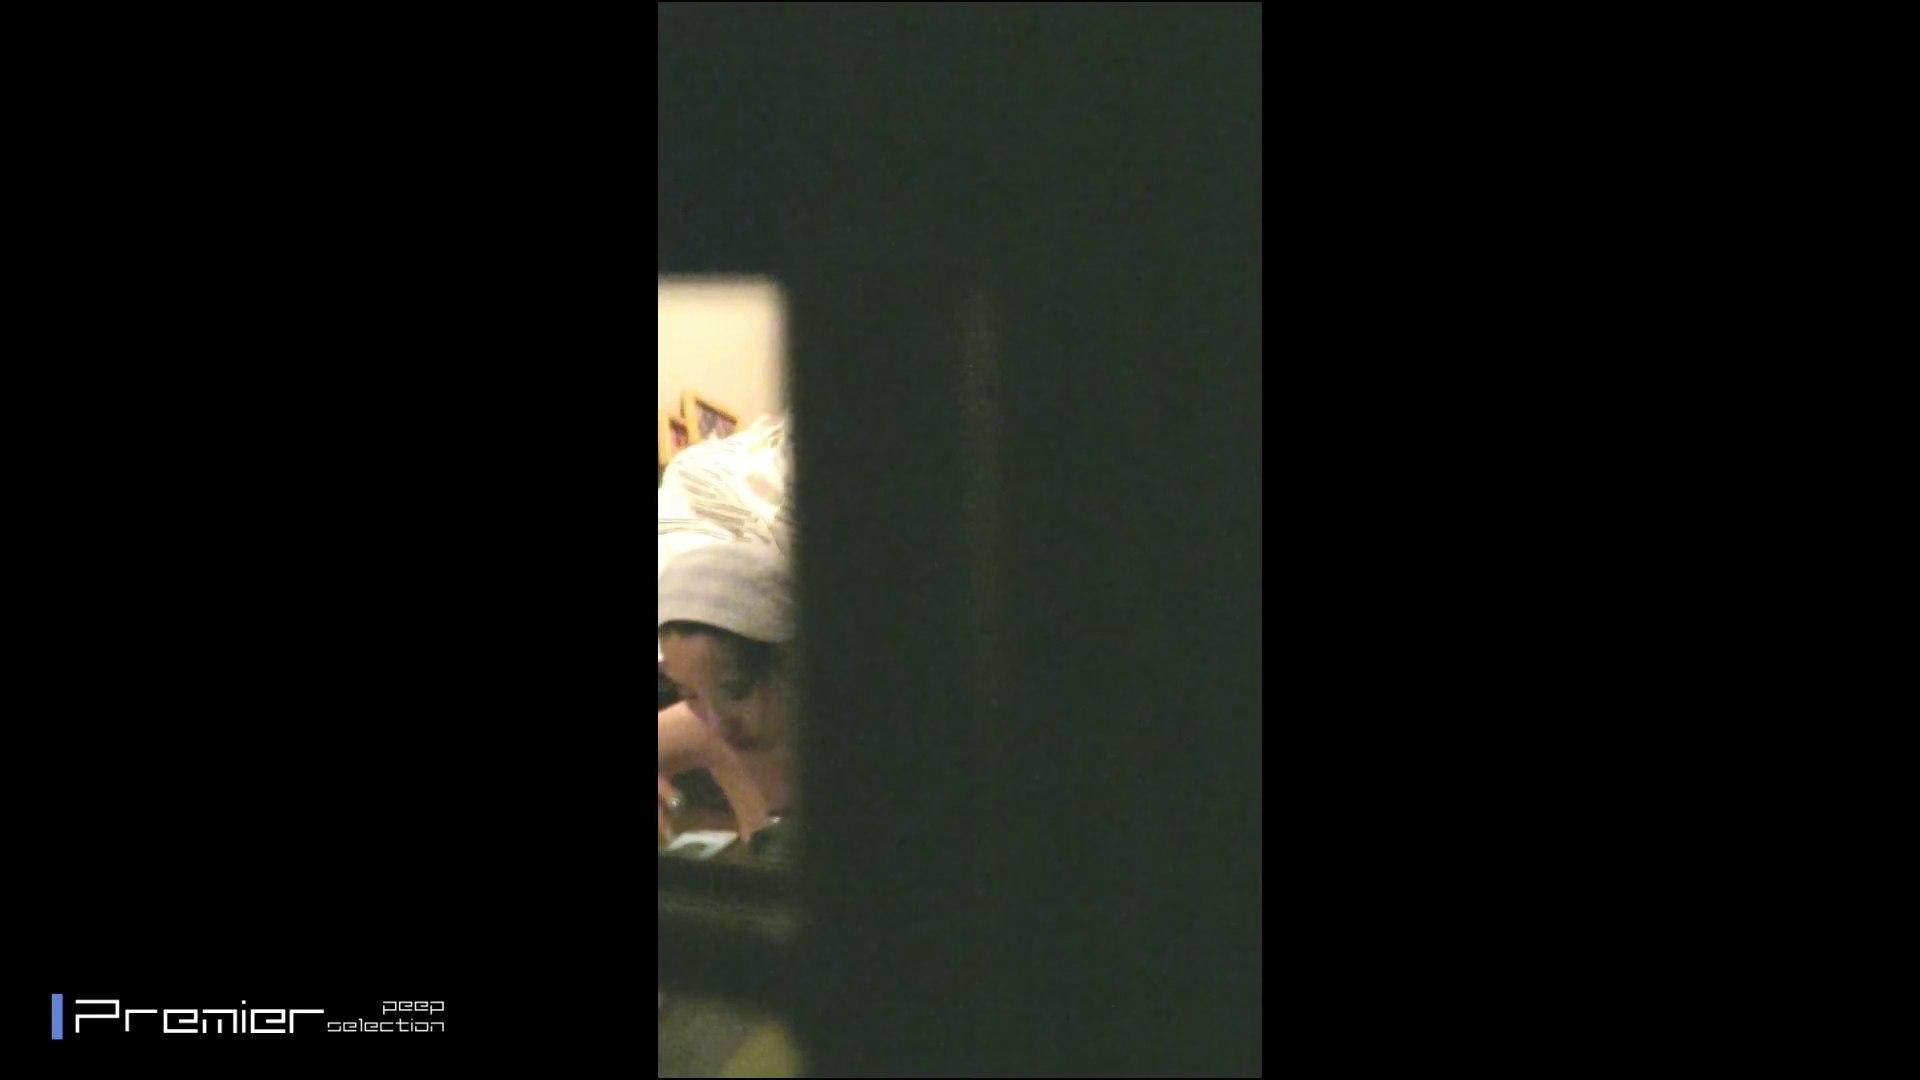 美女達の私生活に潜入!OL 達の私生活を覗き見 美乳   丸見えマンコ  105画像 1